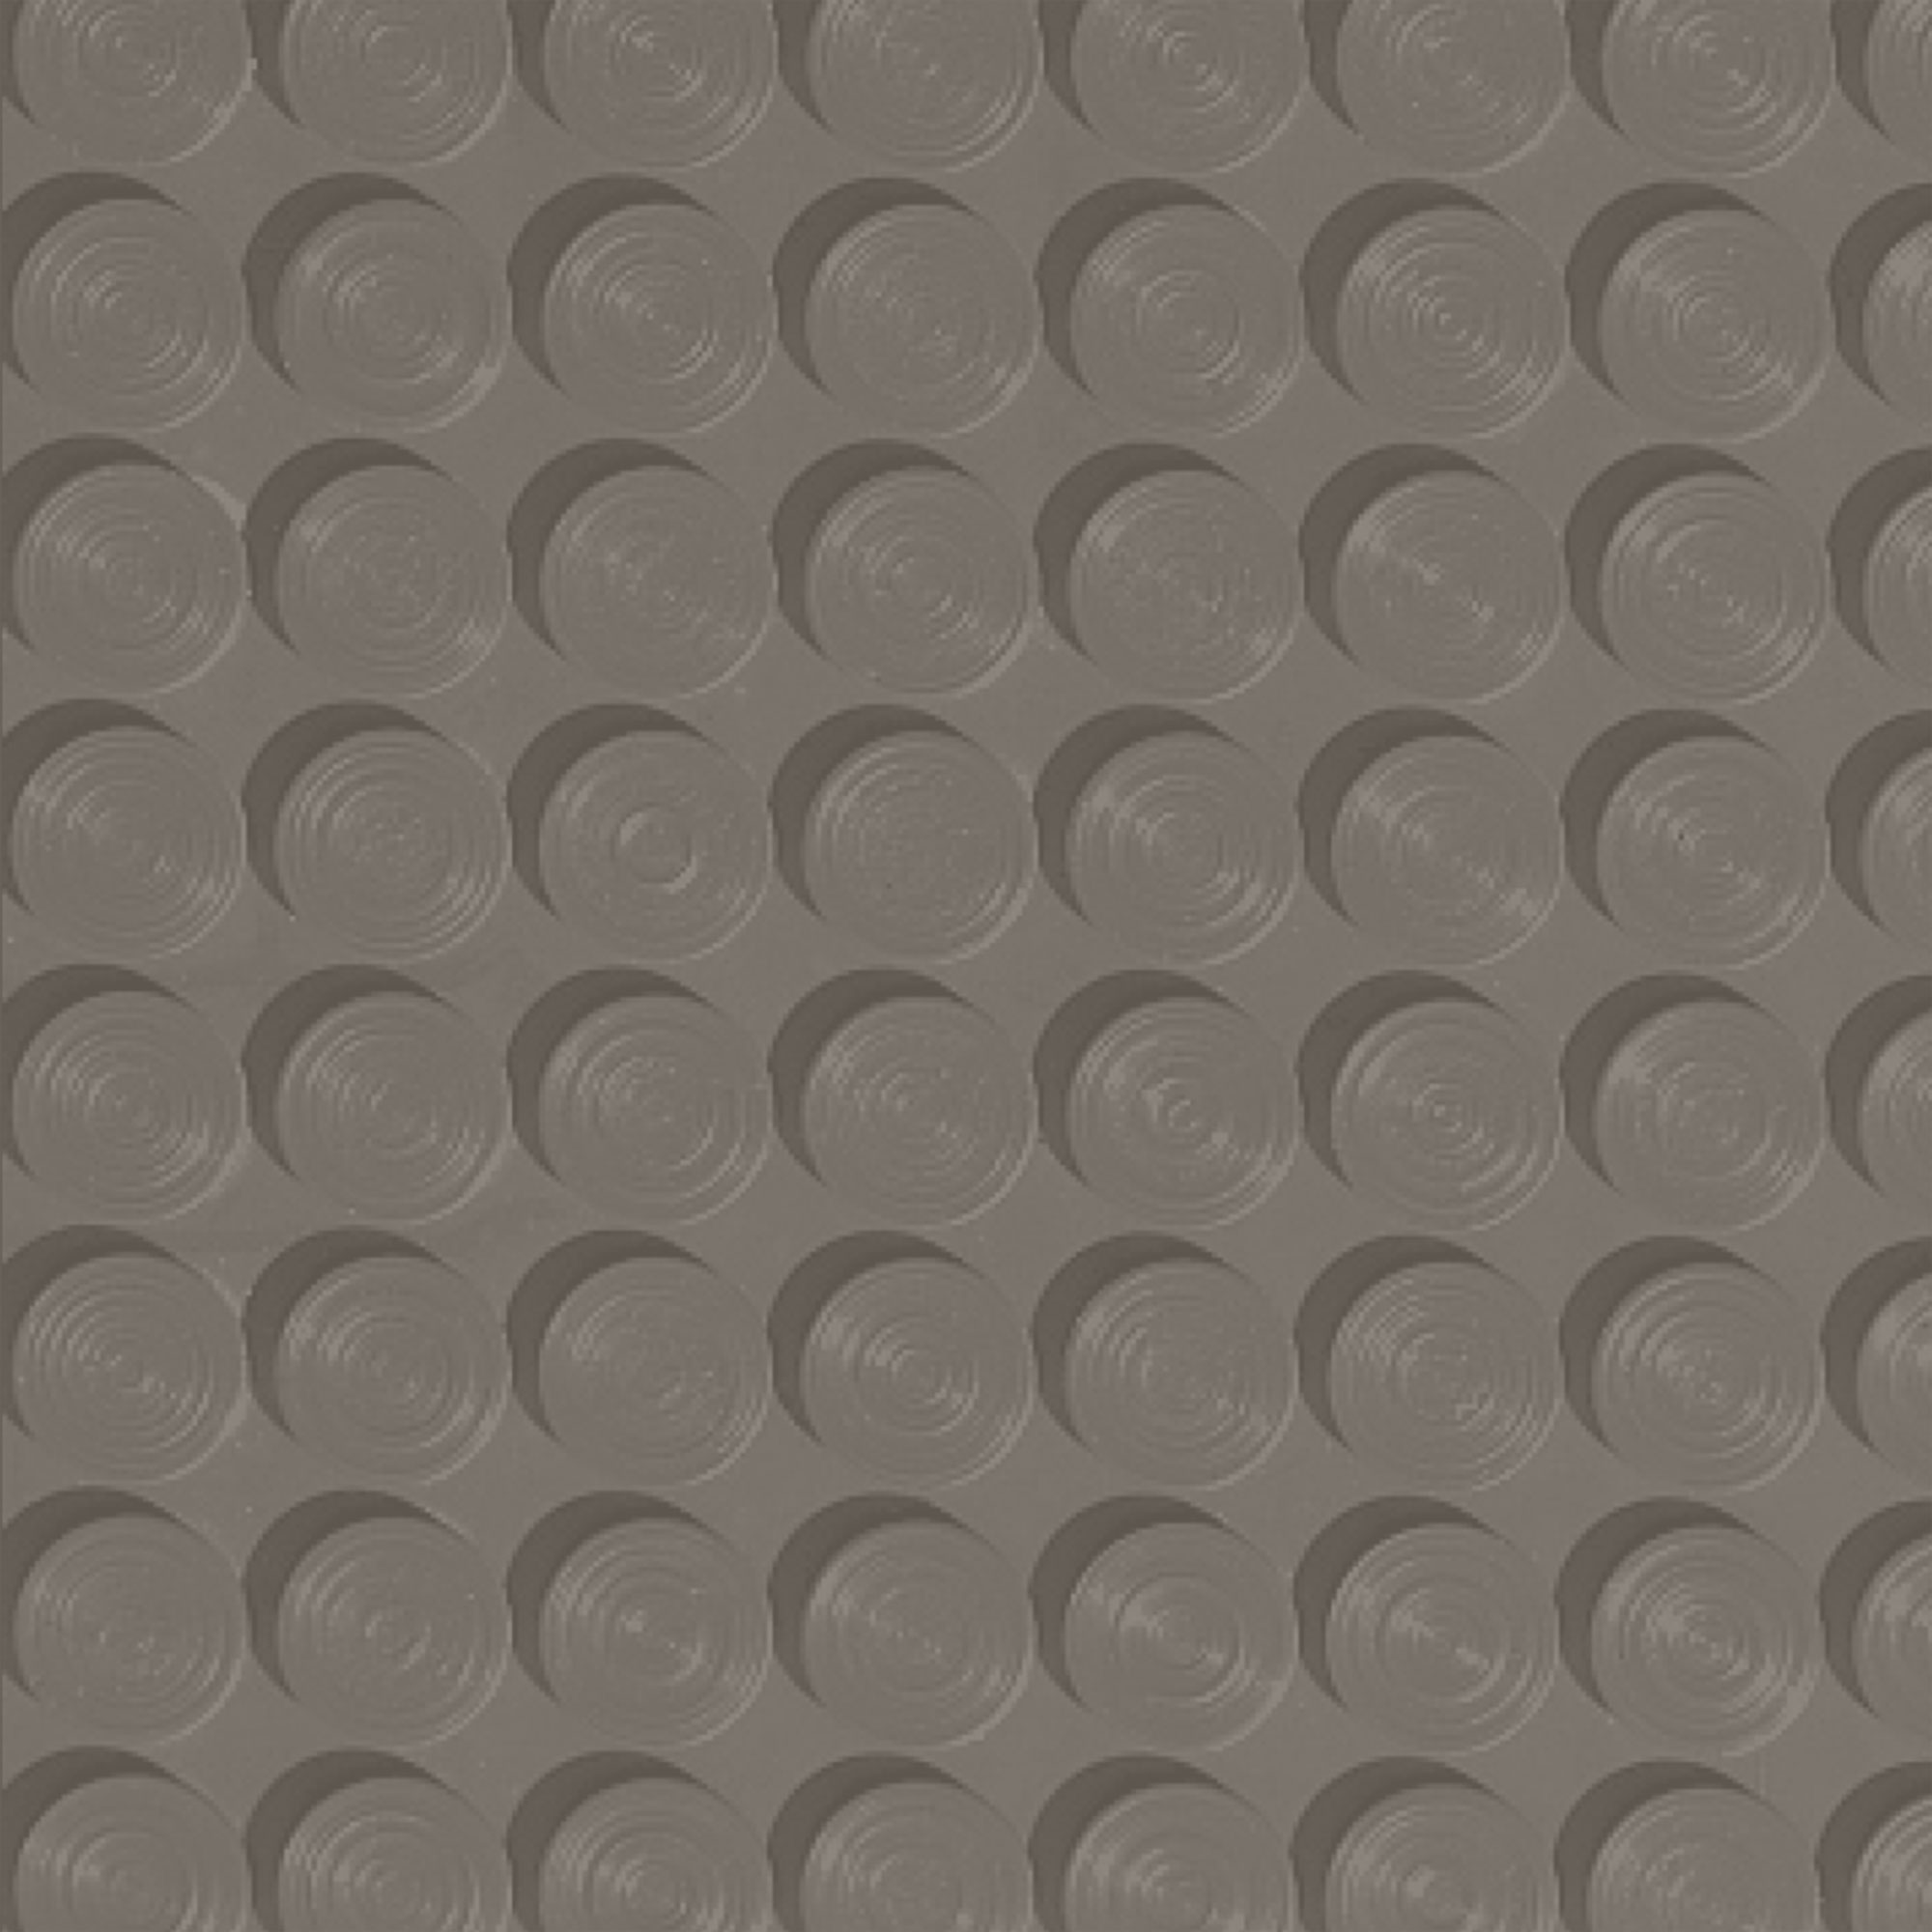 Roppe Rubber Tile 900 - Lug Back Vantage Design (LB996) Lunar Dust Rubber Flooring